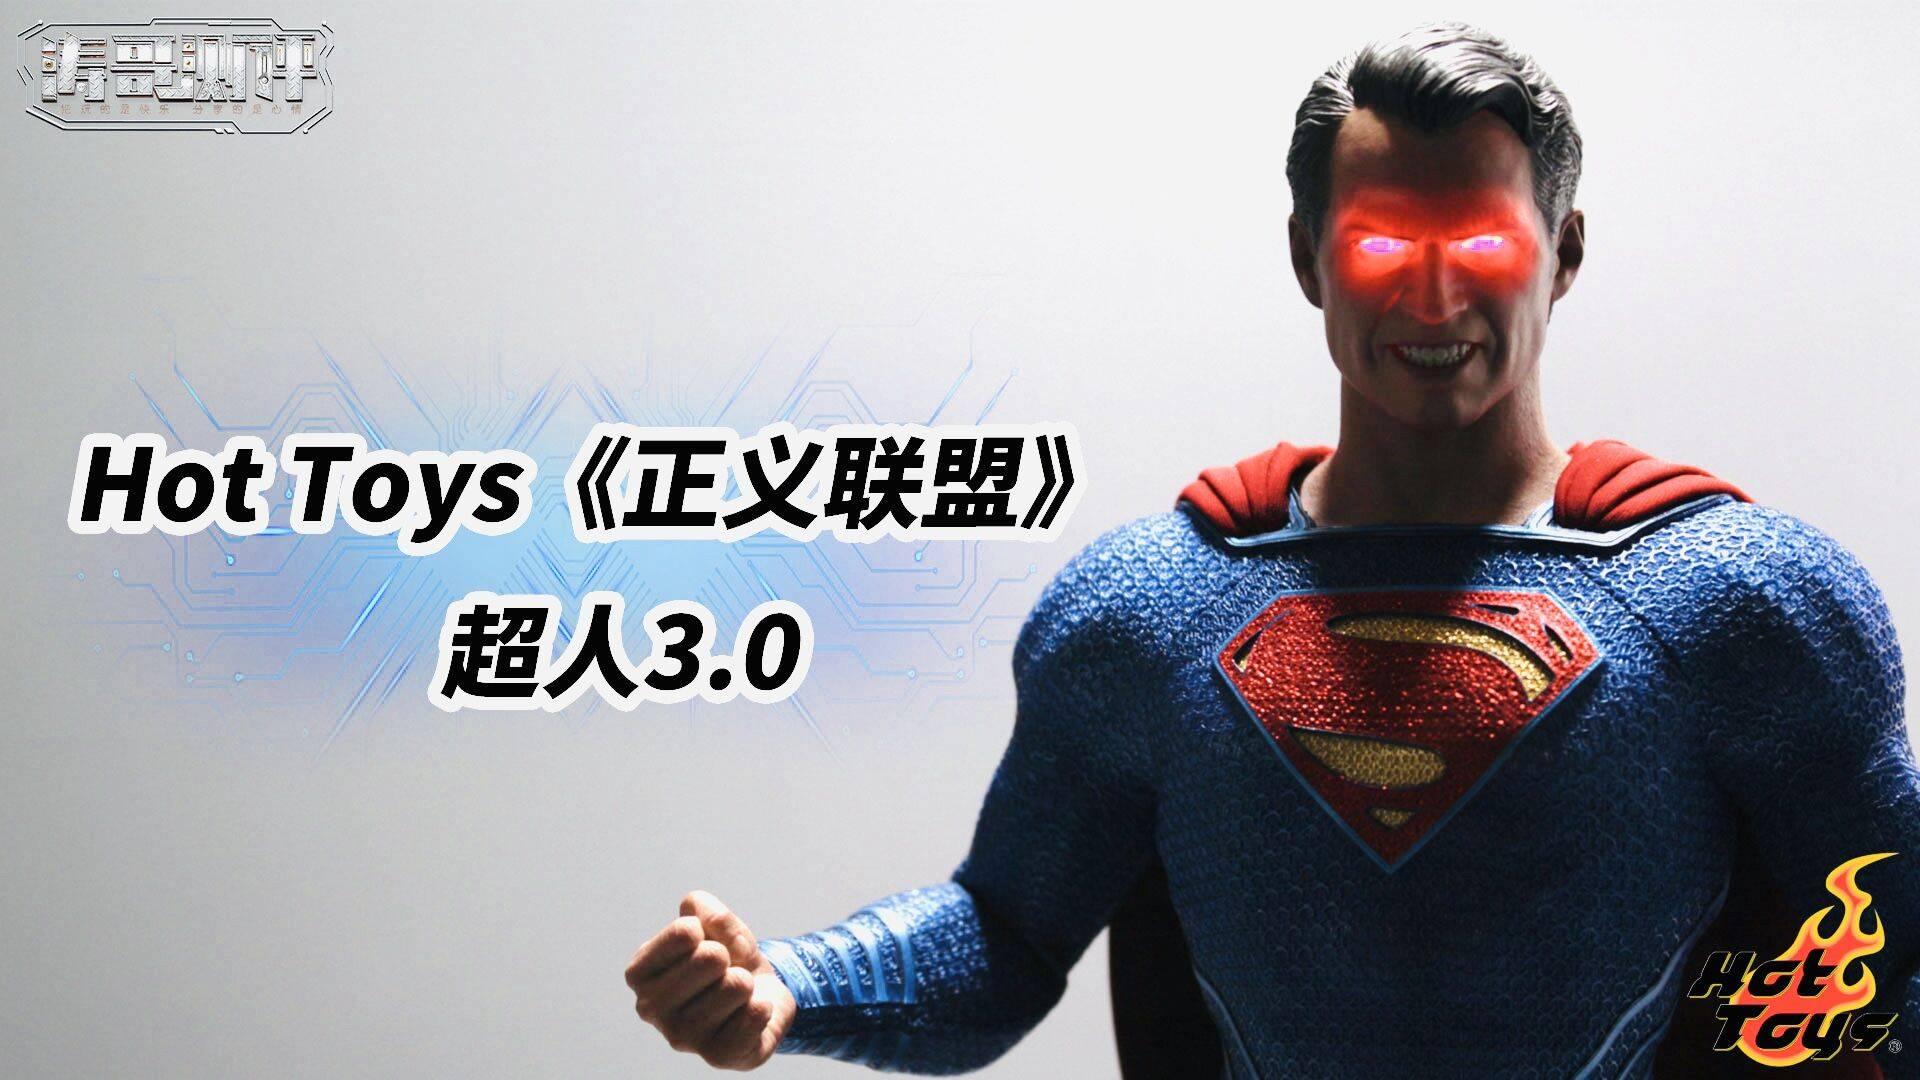 双眼可发光,Hot Toys《正义联盟》超人3.0值得买么?【涛哥测评】